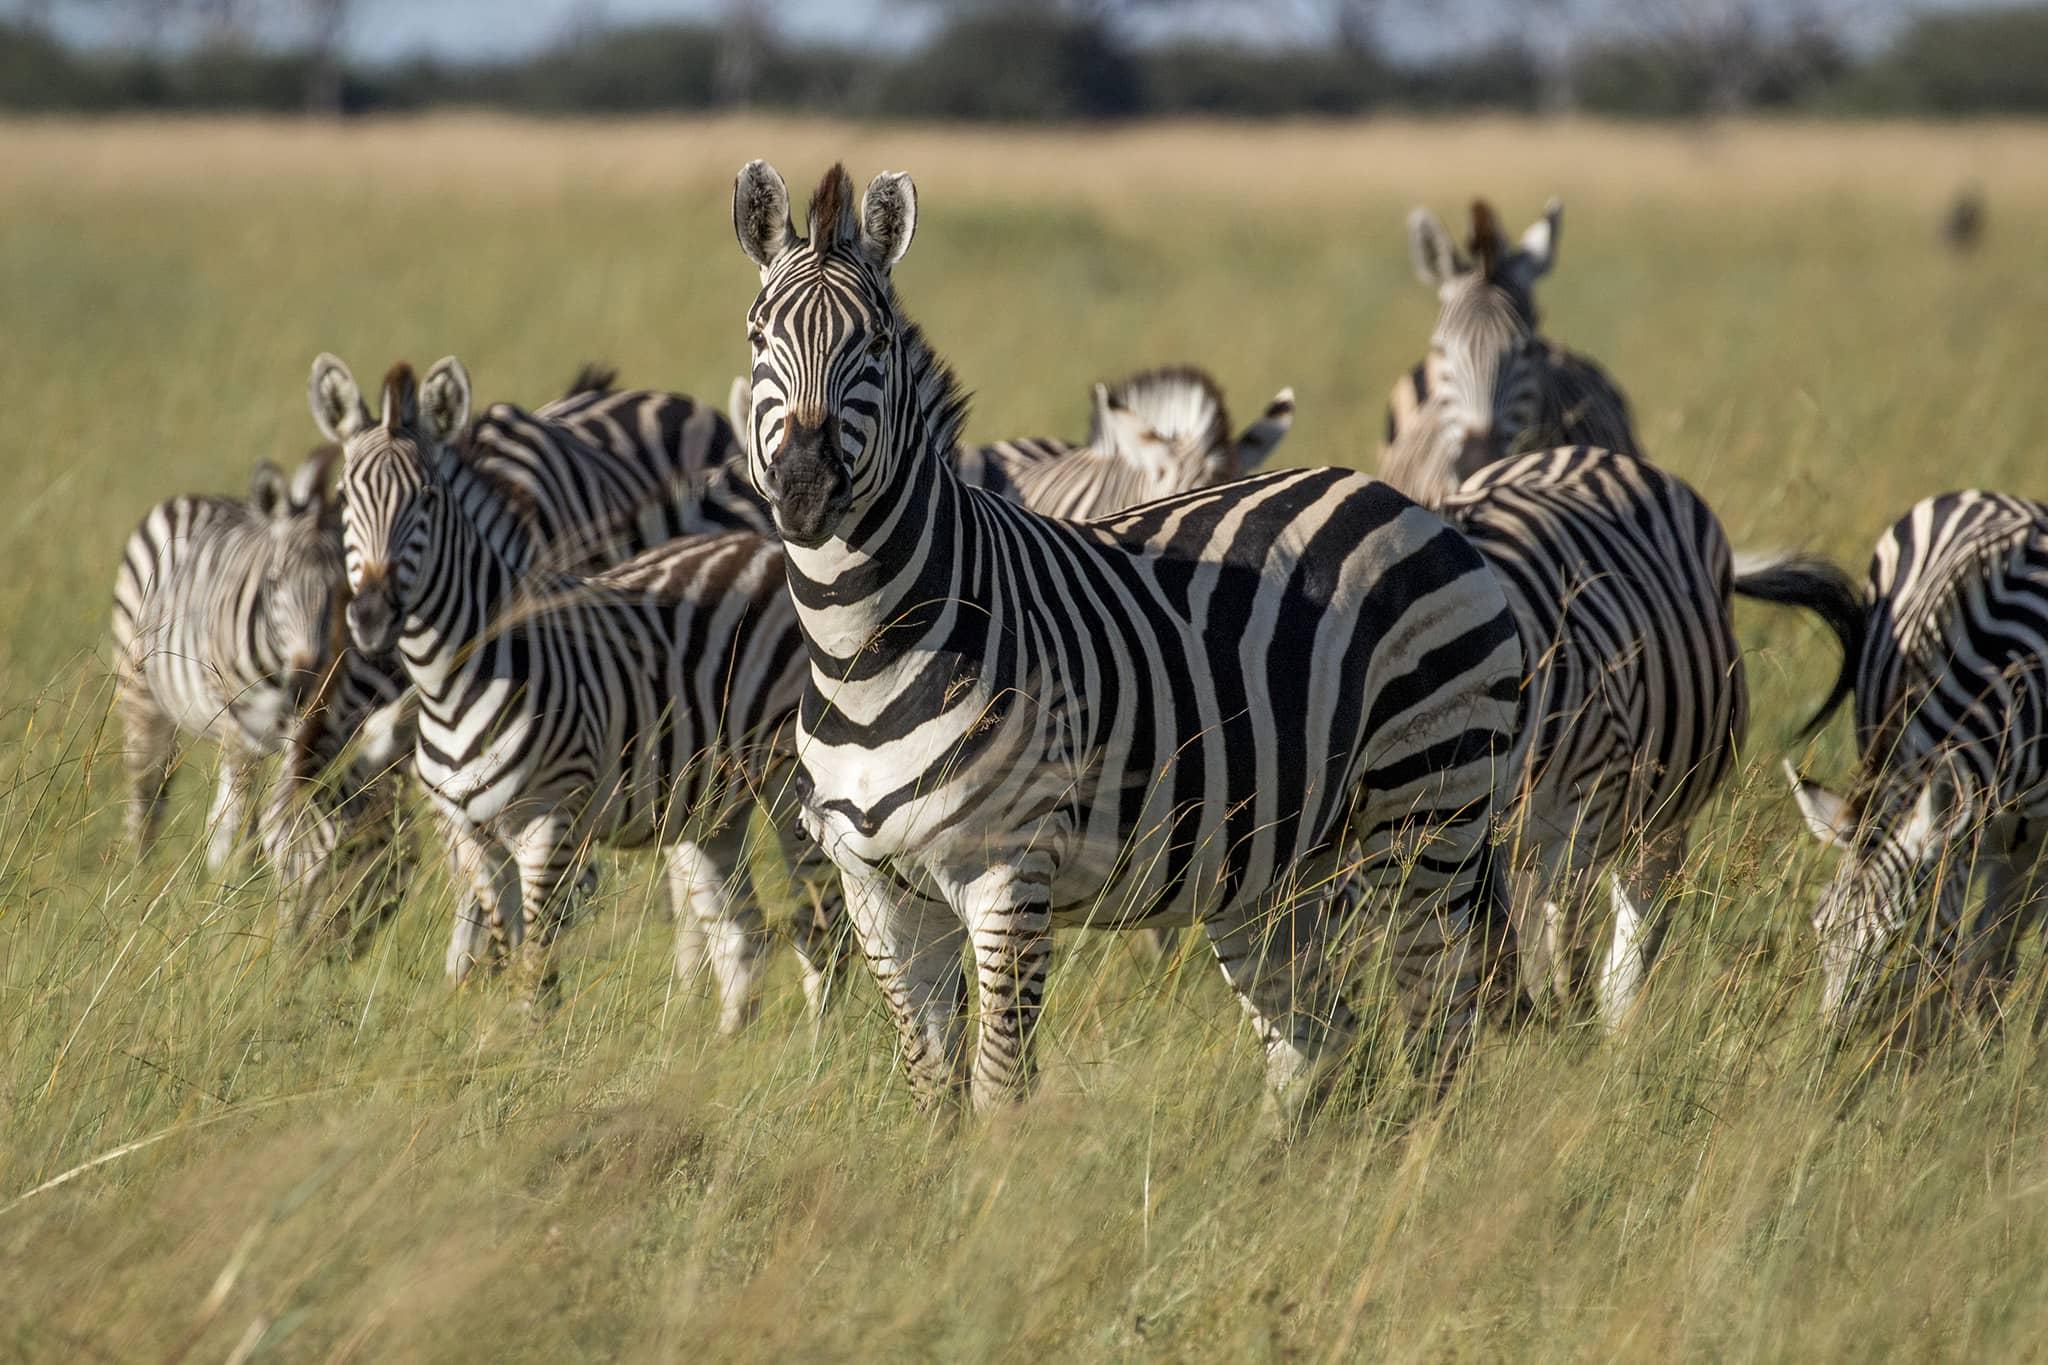 zebras standing in Botswana's Moremi Game Reserve, Okovango Delta